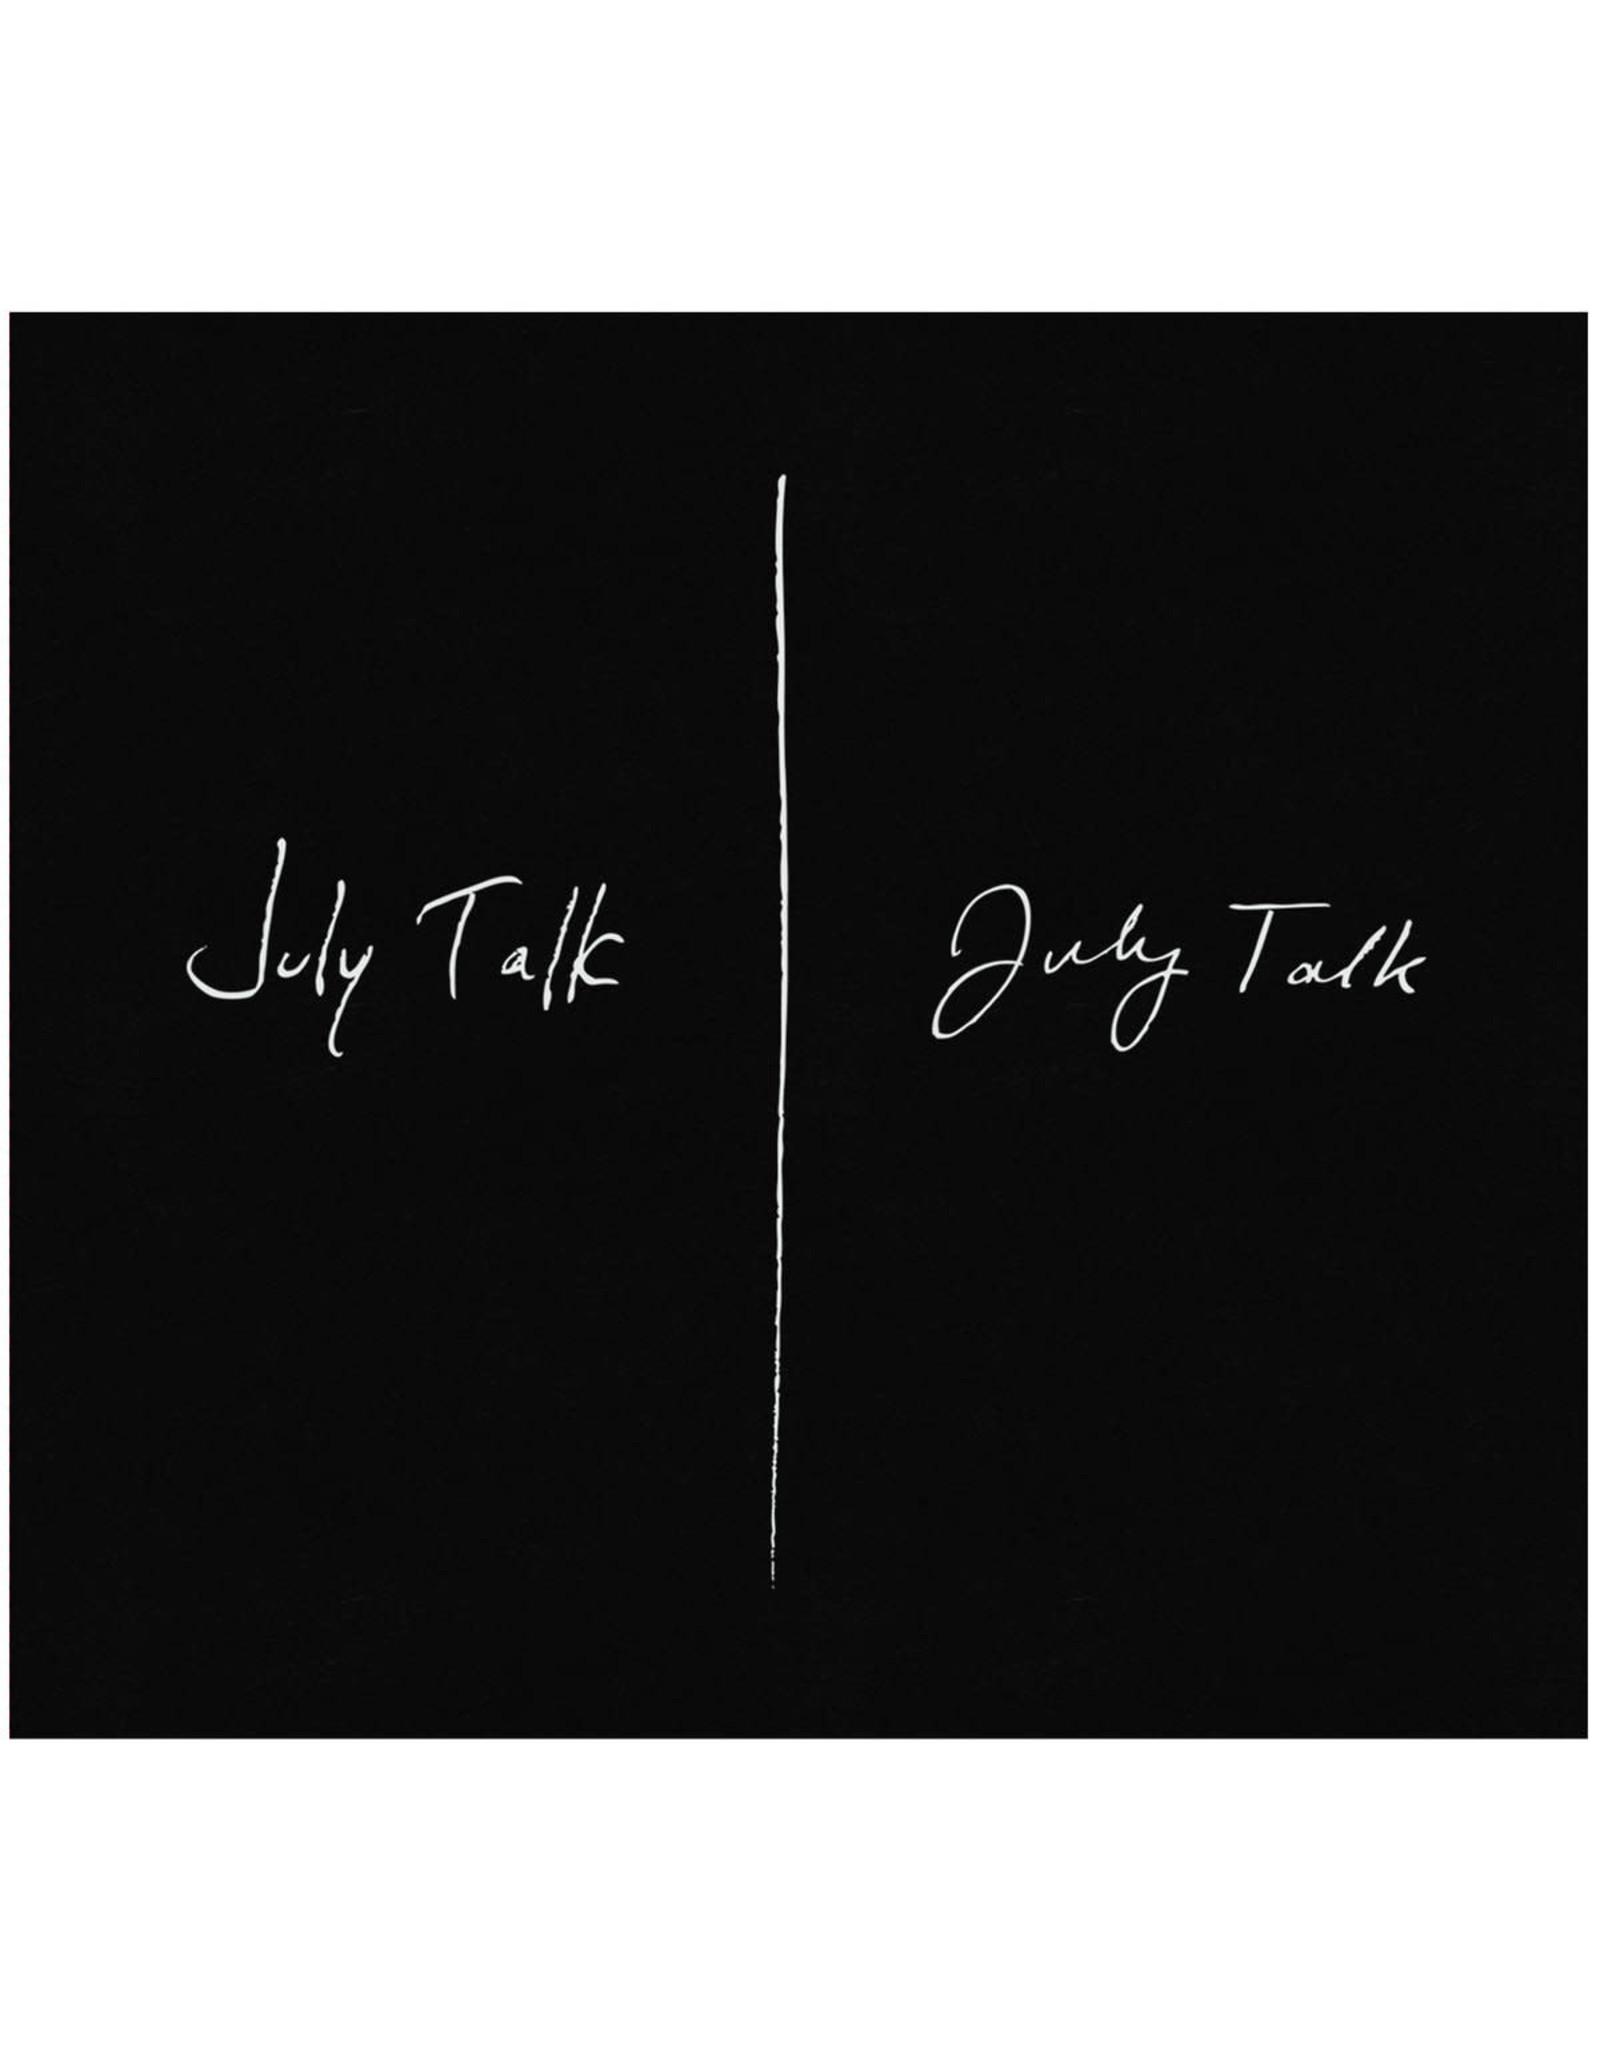 July Talk - S/T LP